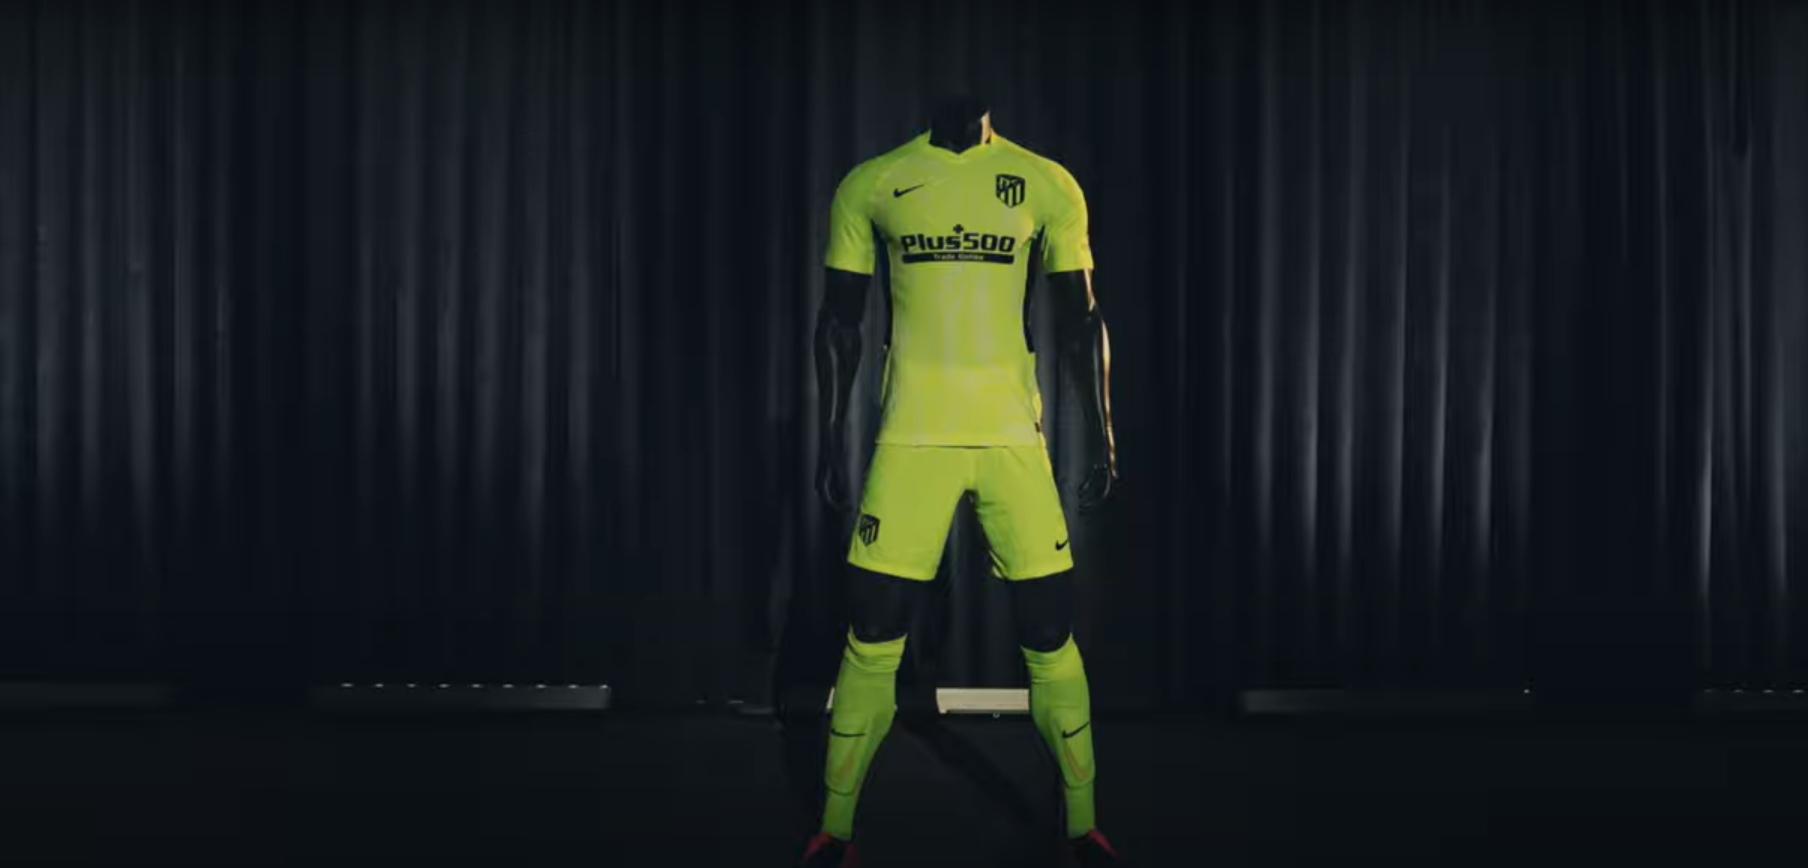 Nueva Camiseta Del Atlético Madrid 2020 2021 Diseño Precio Cuánto Cuesta Dónde Comprar Y Modelos Infantil Y De Niño Goal Com